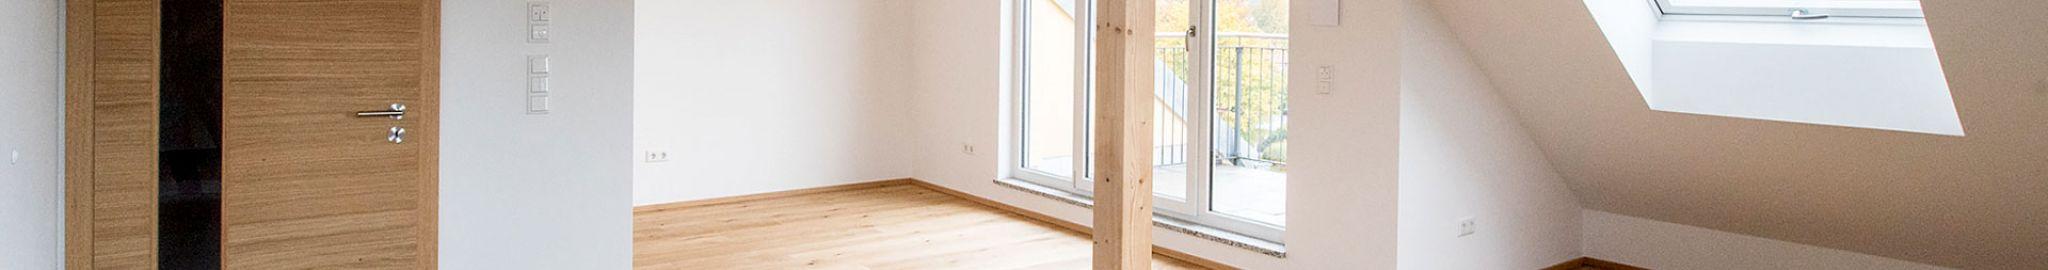 Haus mieten wohnung mieten sperr zellner for Immobilienmakler wohnung mieten